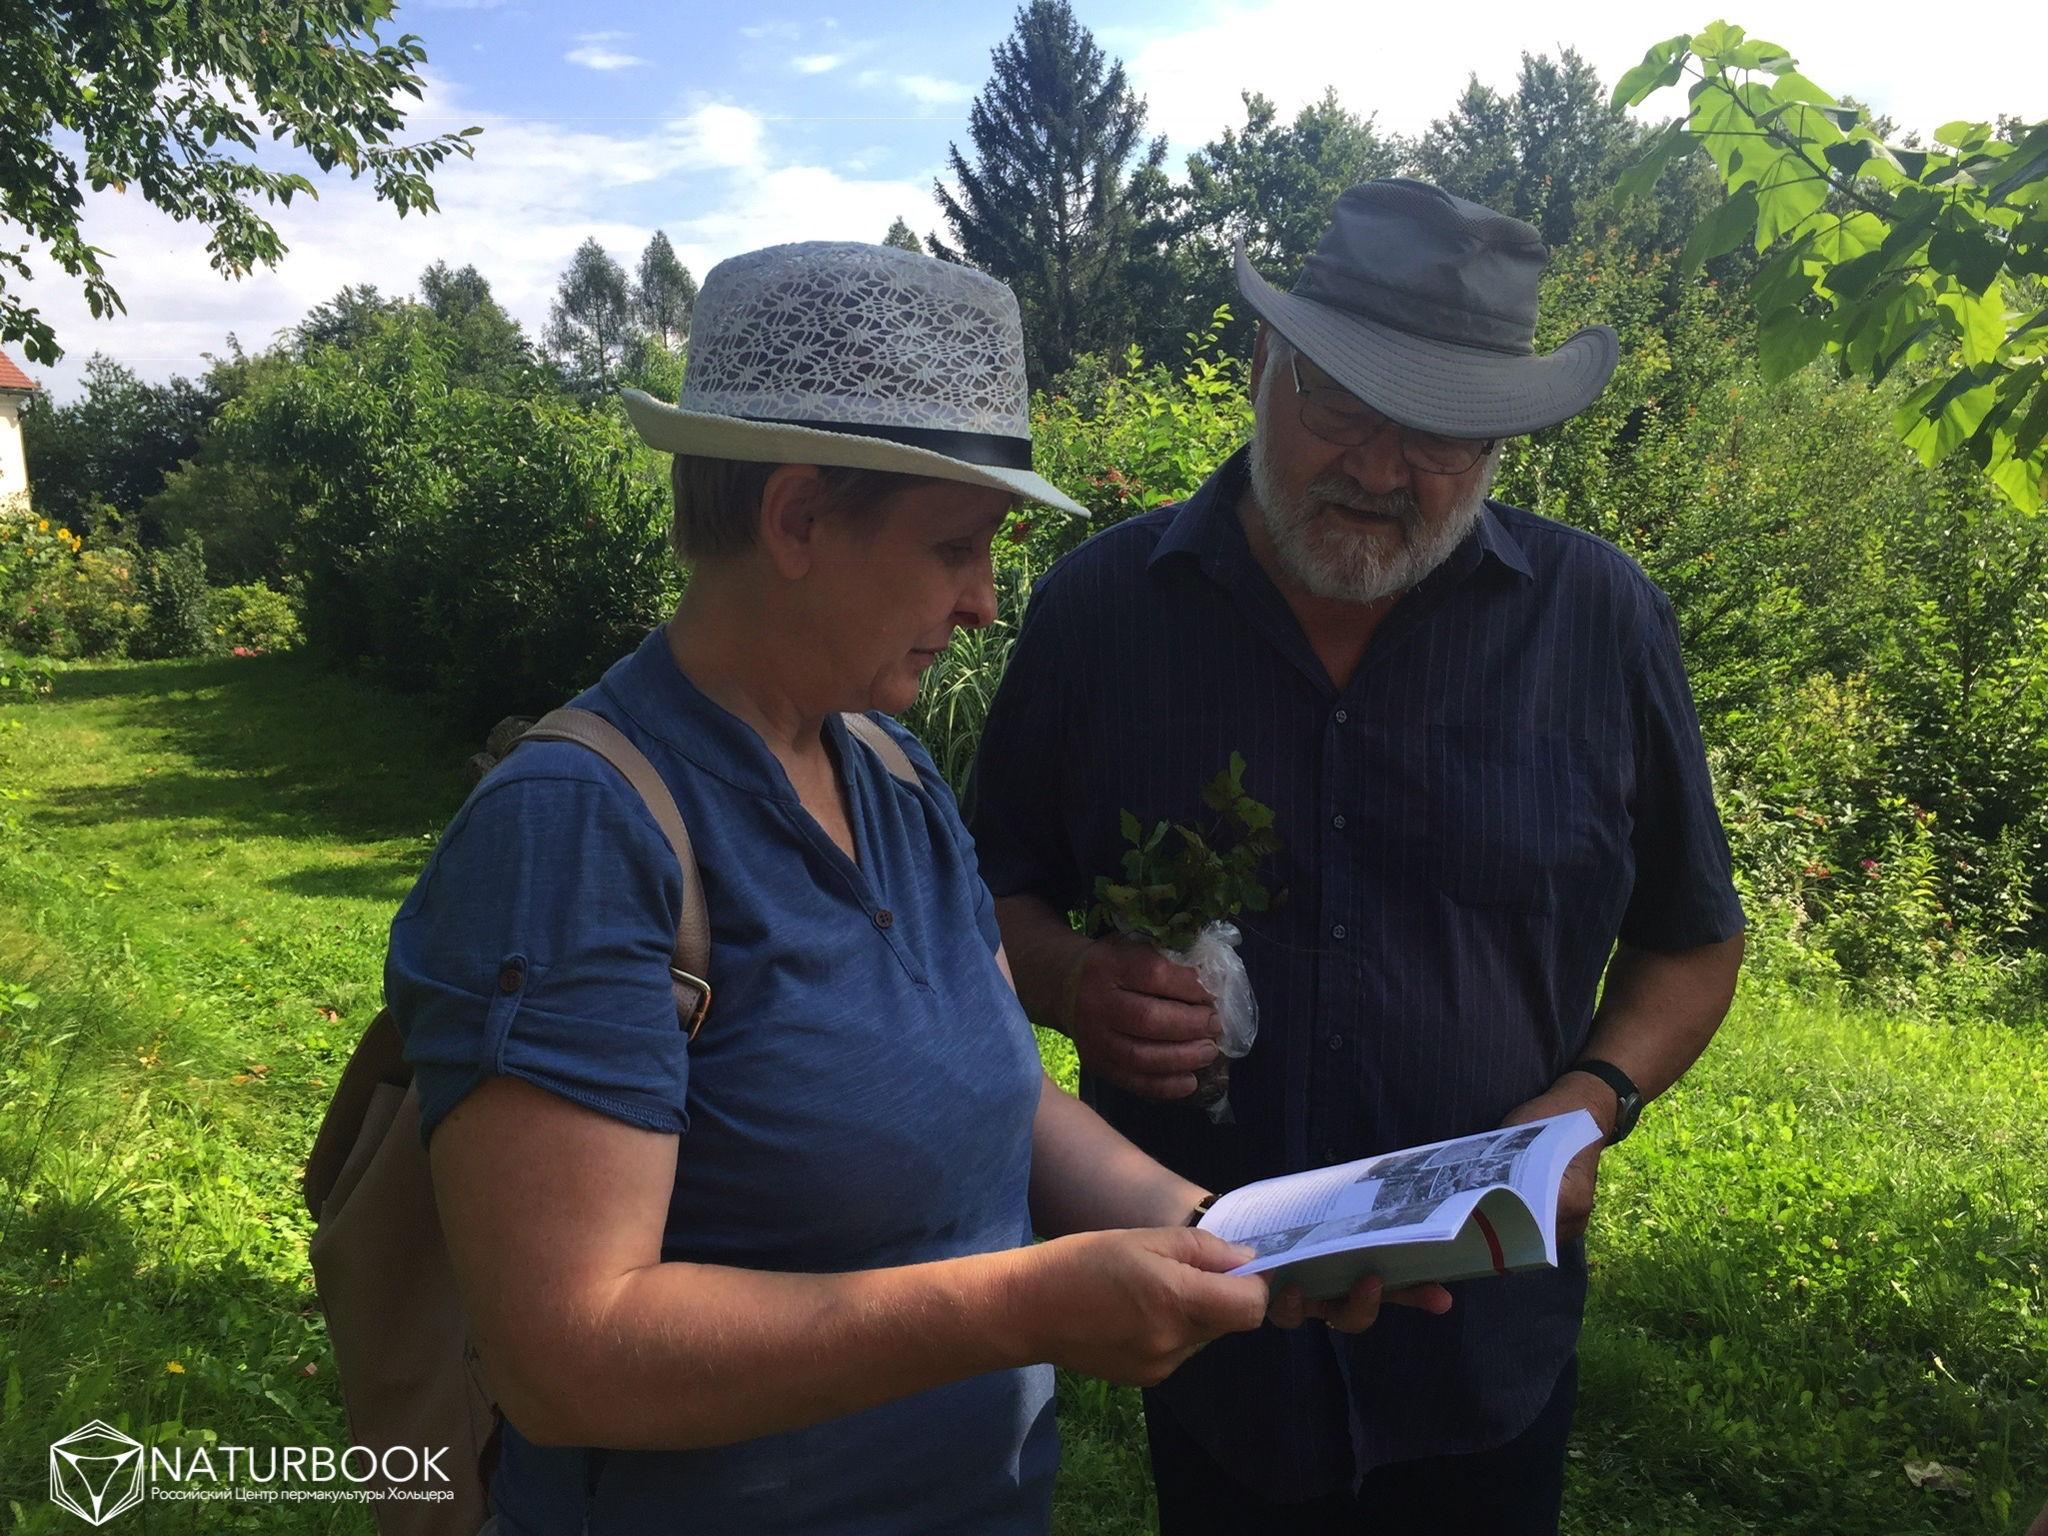 Австрийский курс пермакультуры от создателей метода аграрной экологии «Хольцерова пермакультура» — Зеппа и Йозефа Хольцер с 12 по 17 сентября 2019